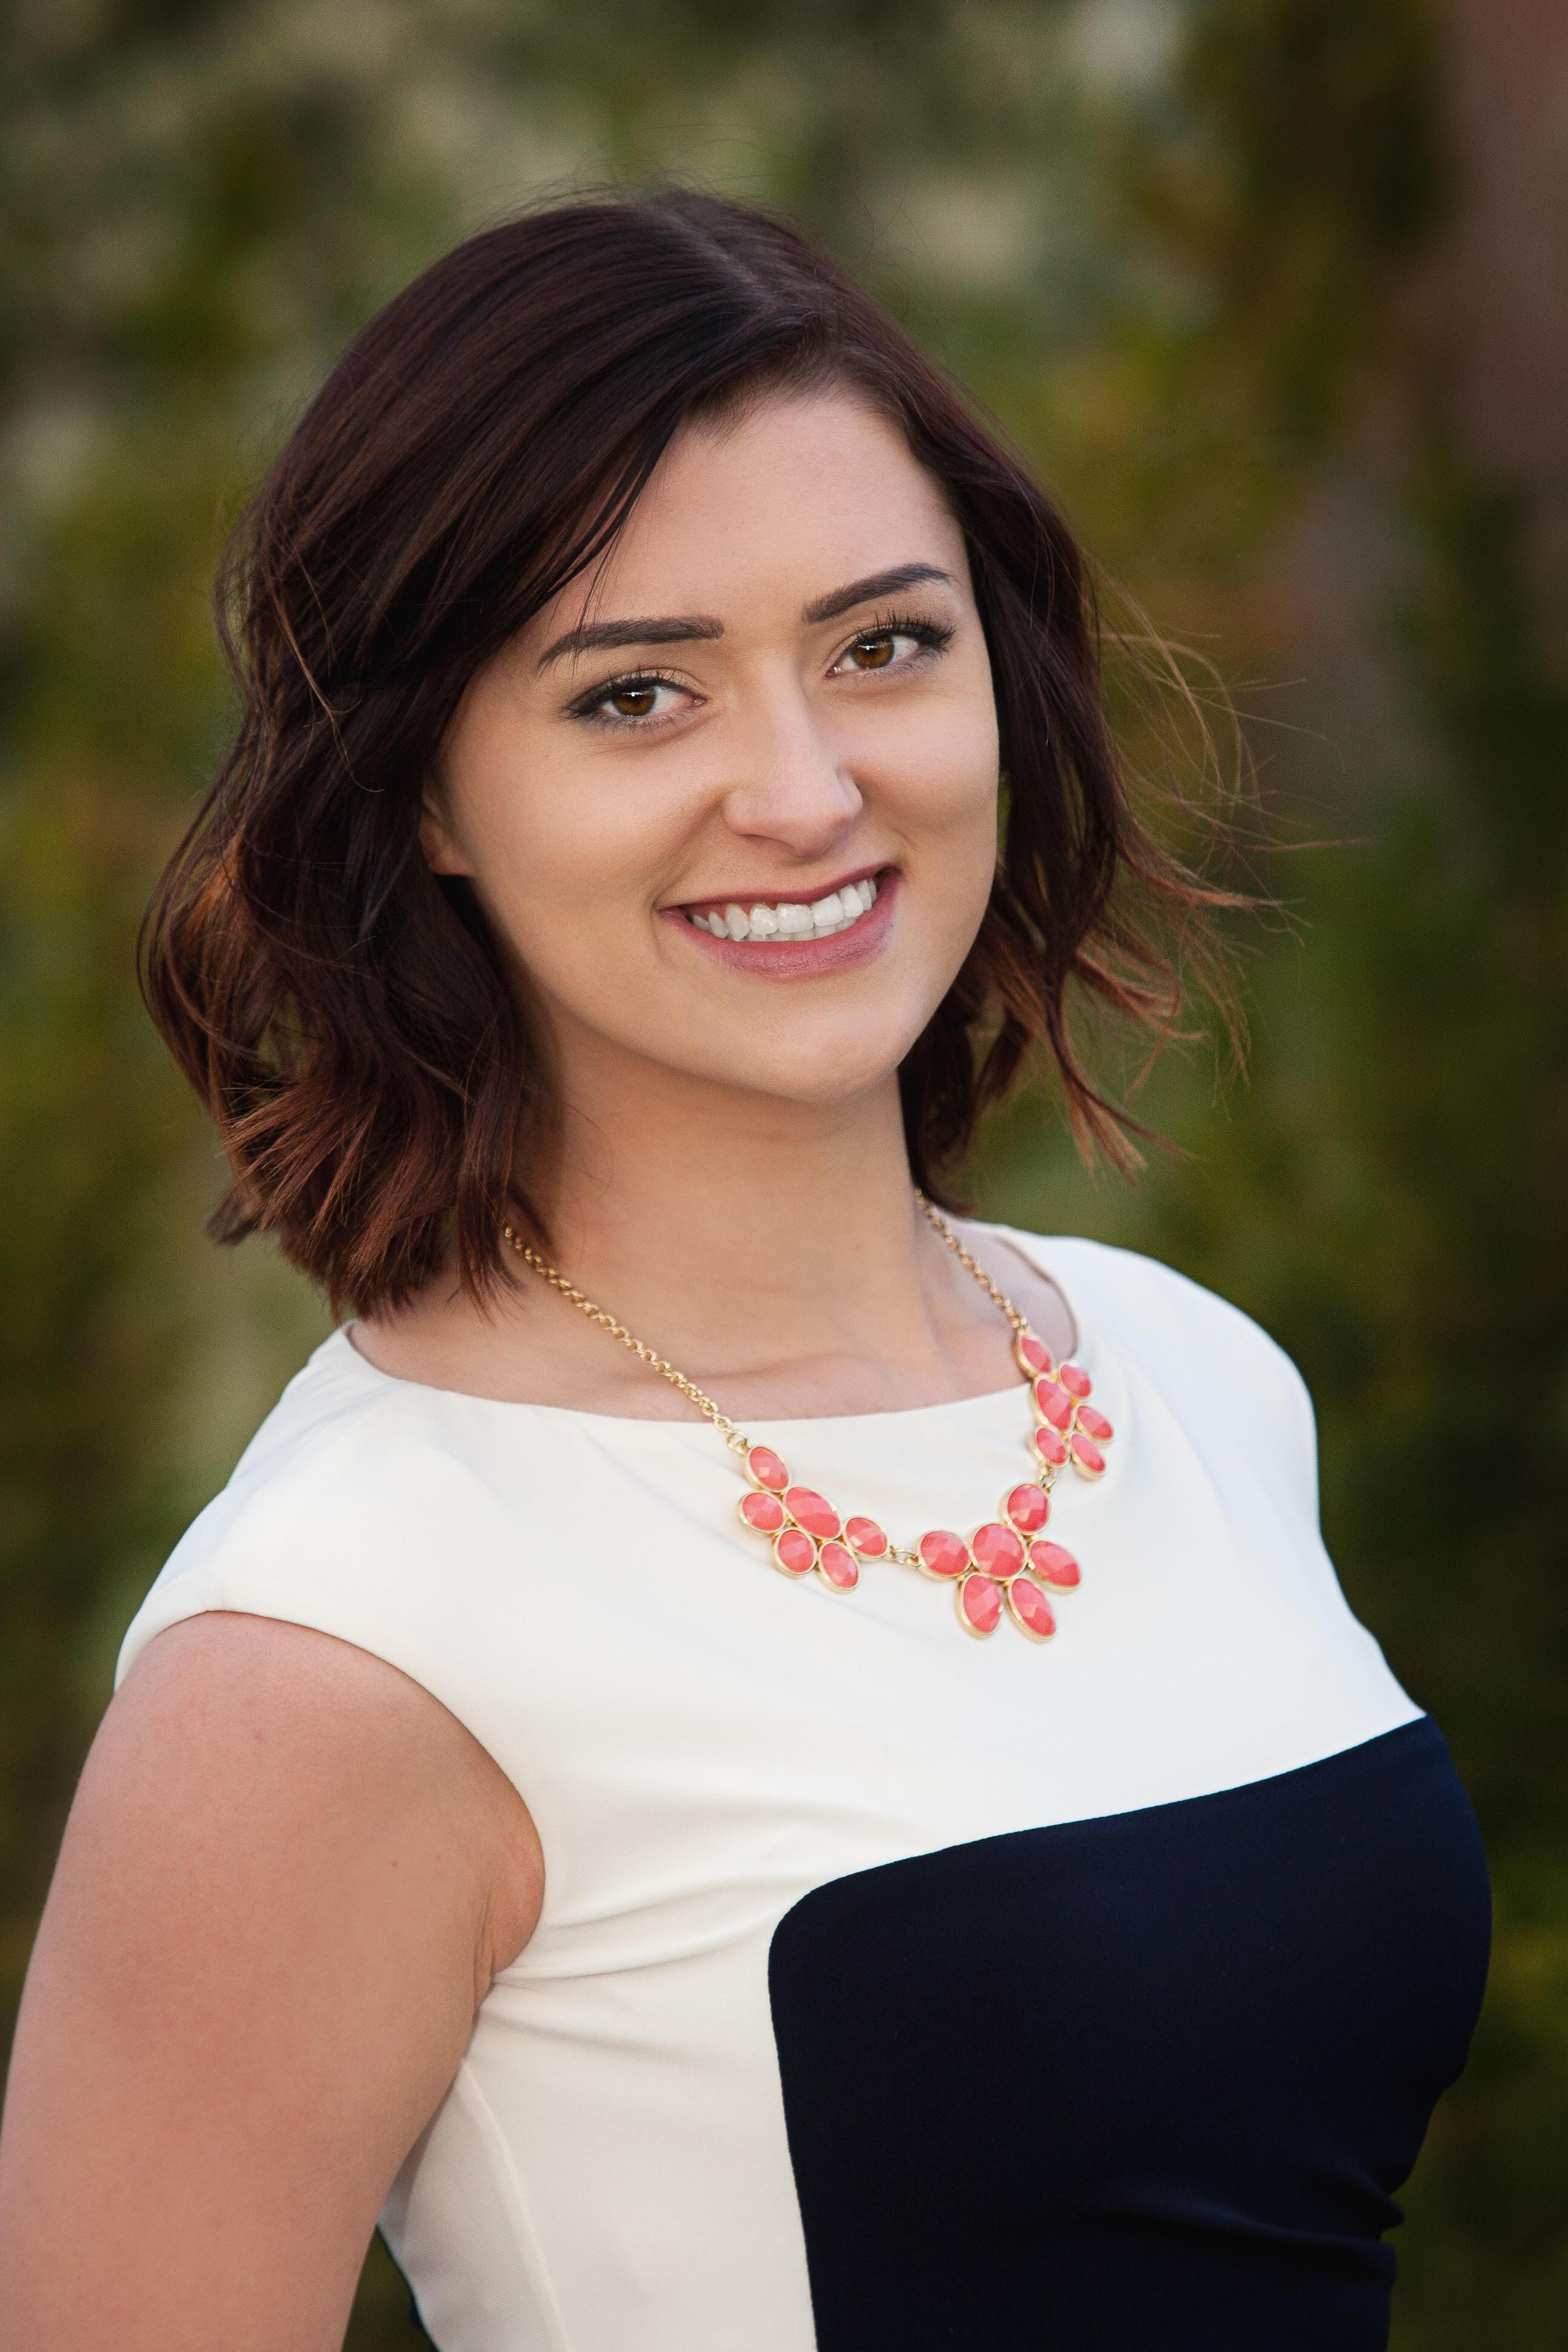 headshot of Lexi Argyle